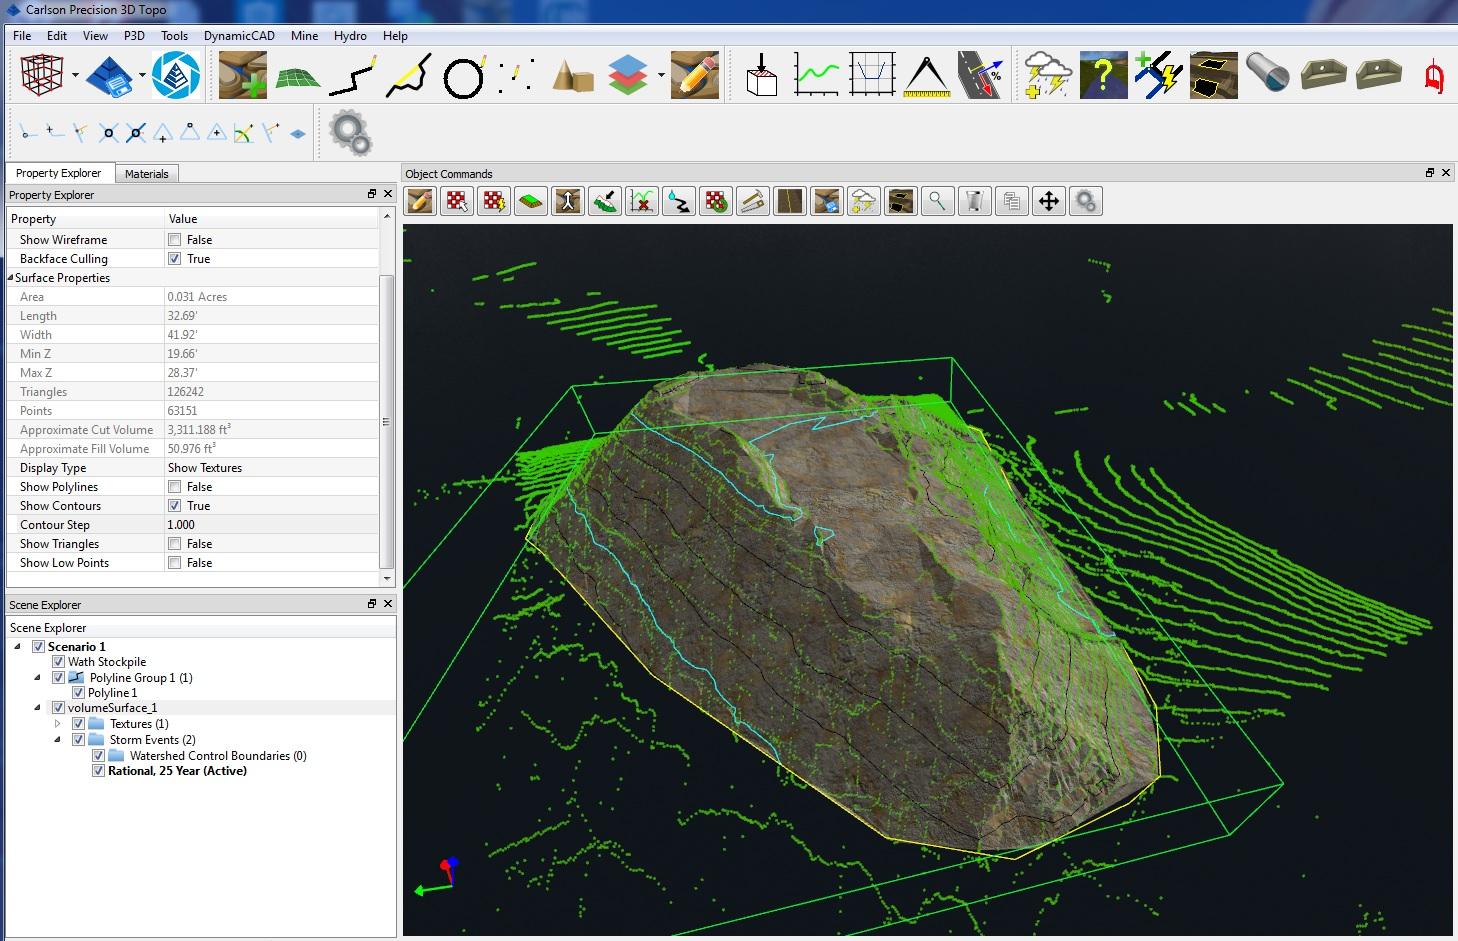 Carlson Software - Carlson Precision 3D